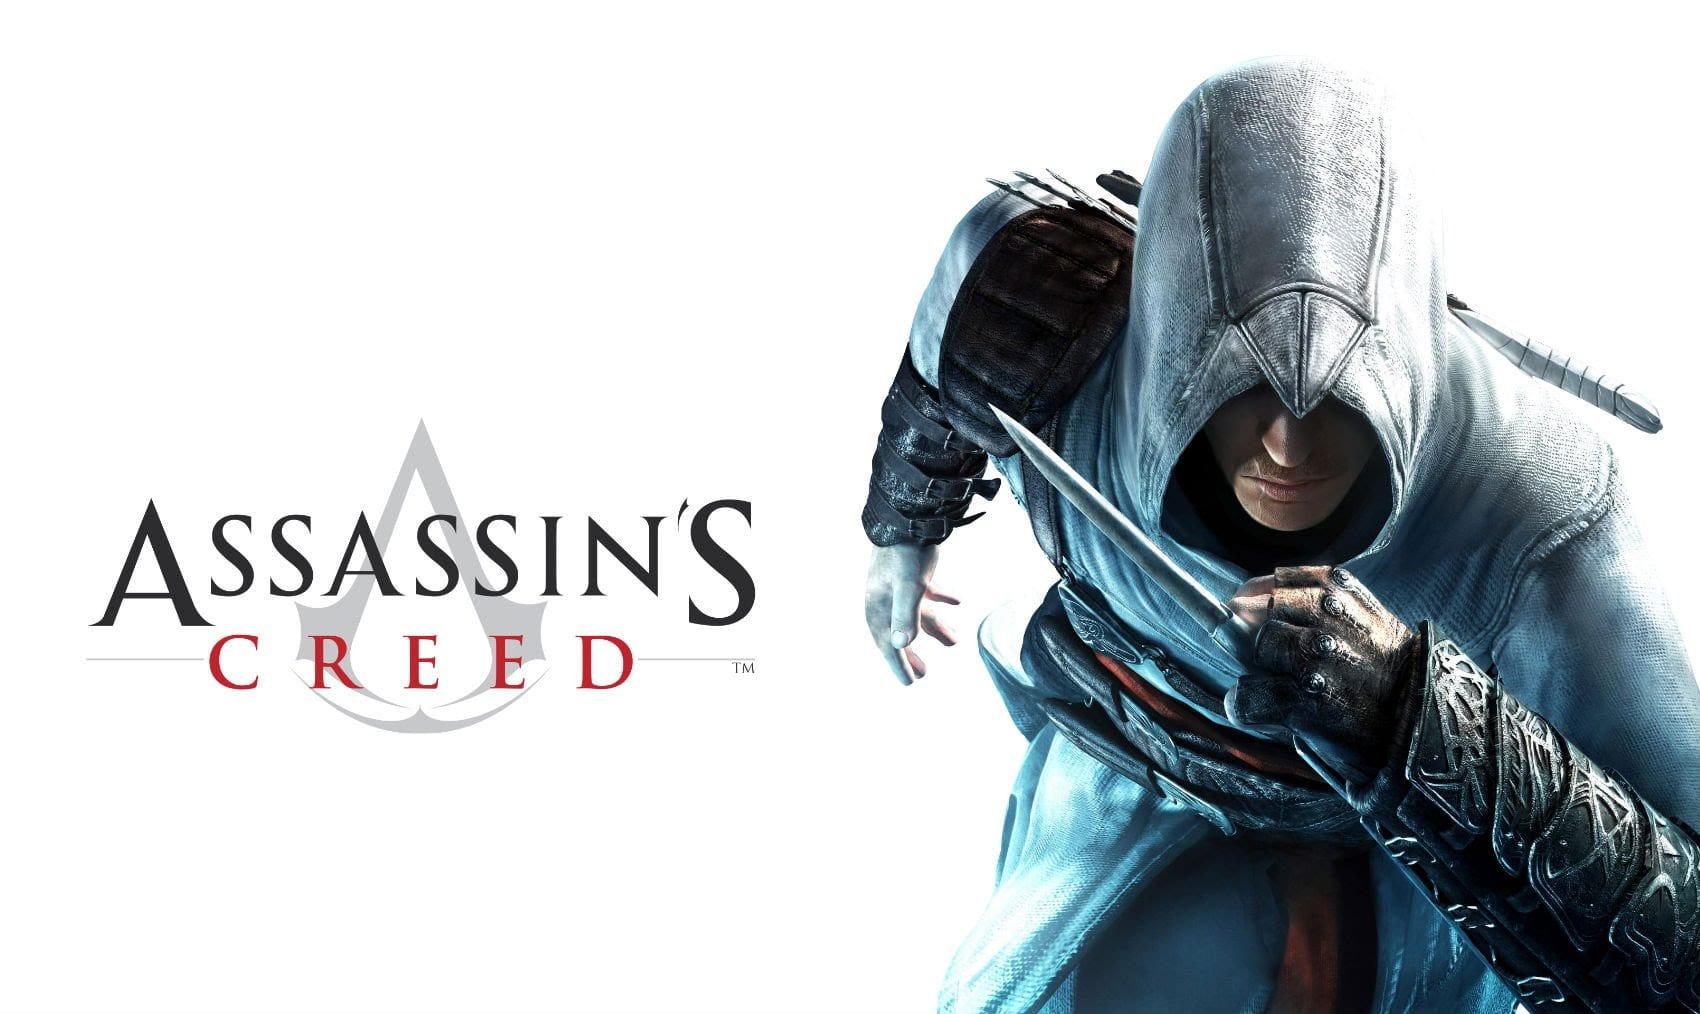 Assassin's Creed HD pics